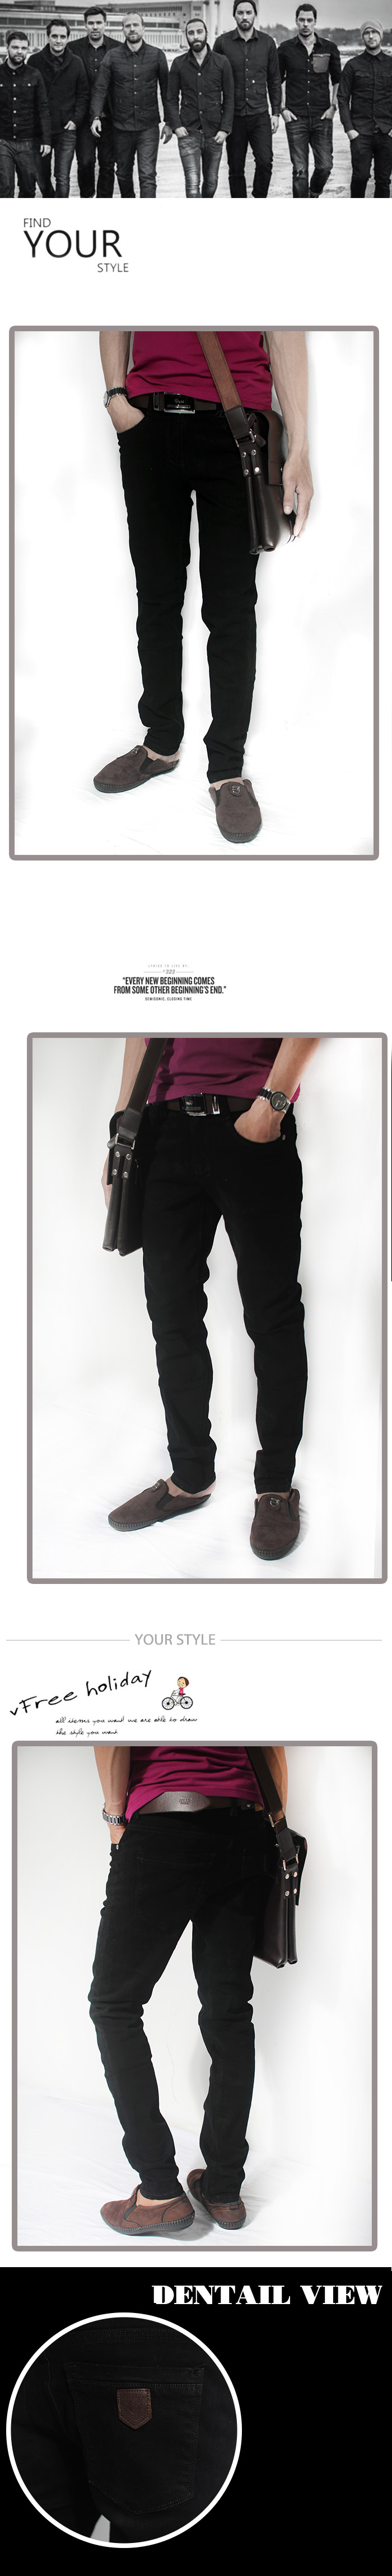 Quần jean đen qj1186 - 1